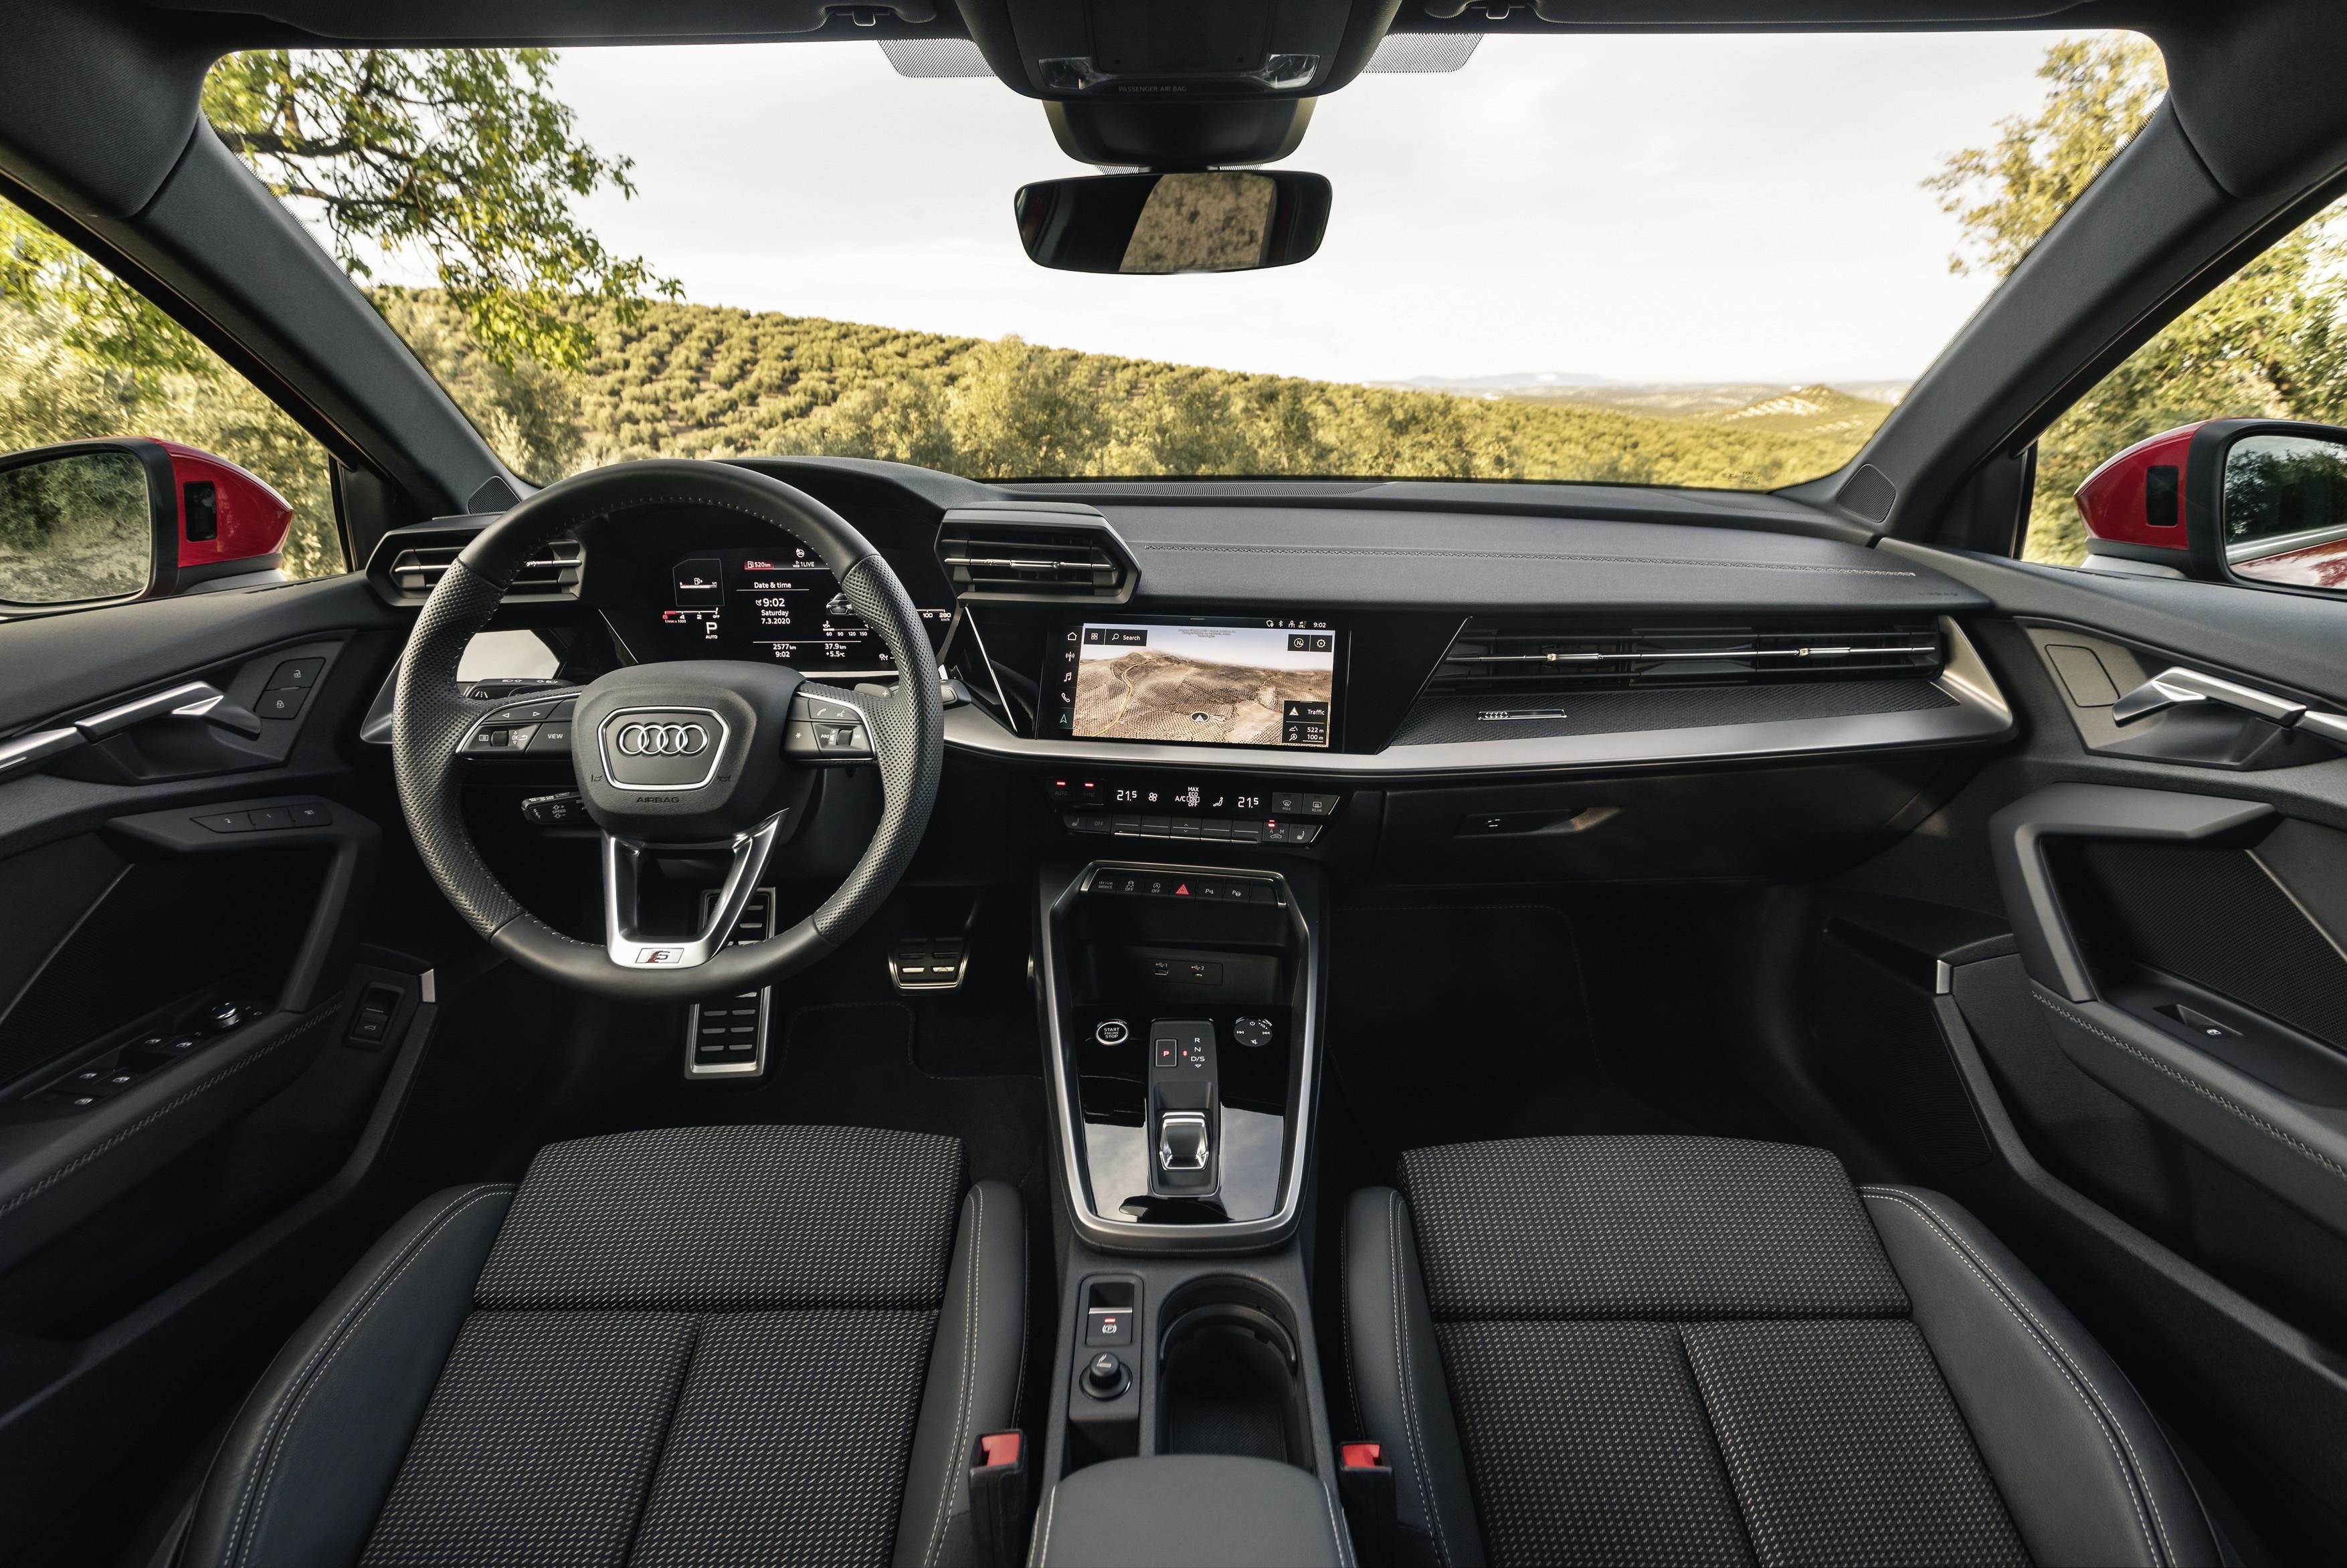 A3 interior.jpg (1.95 MB)